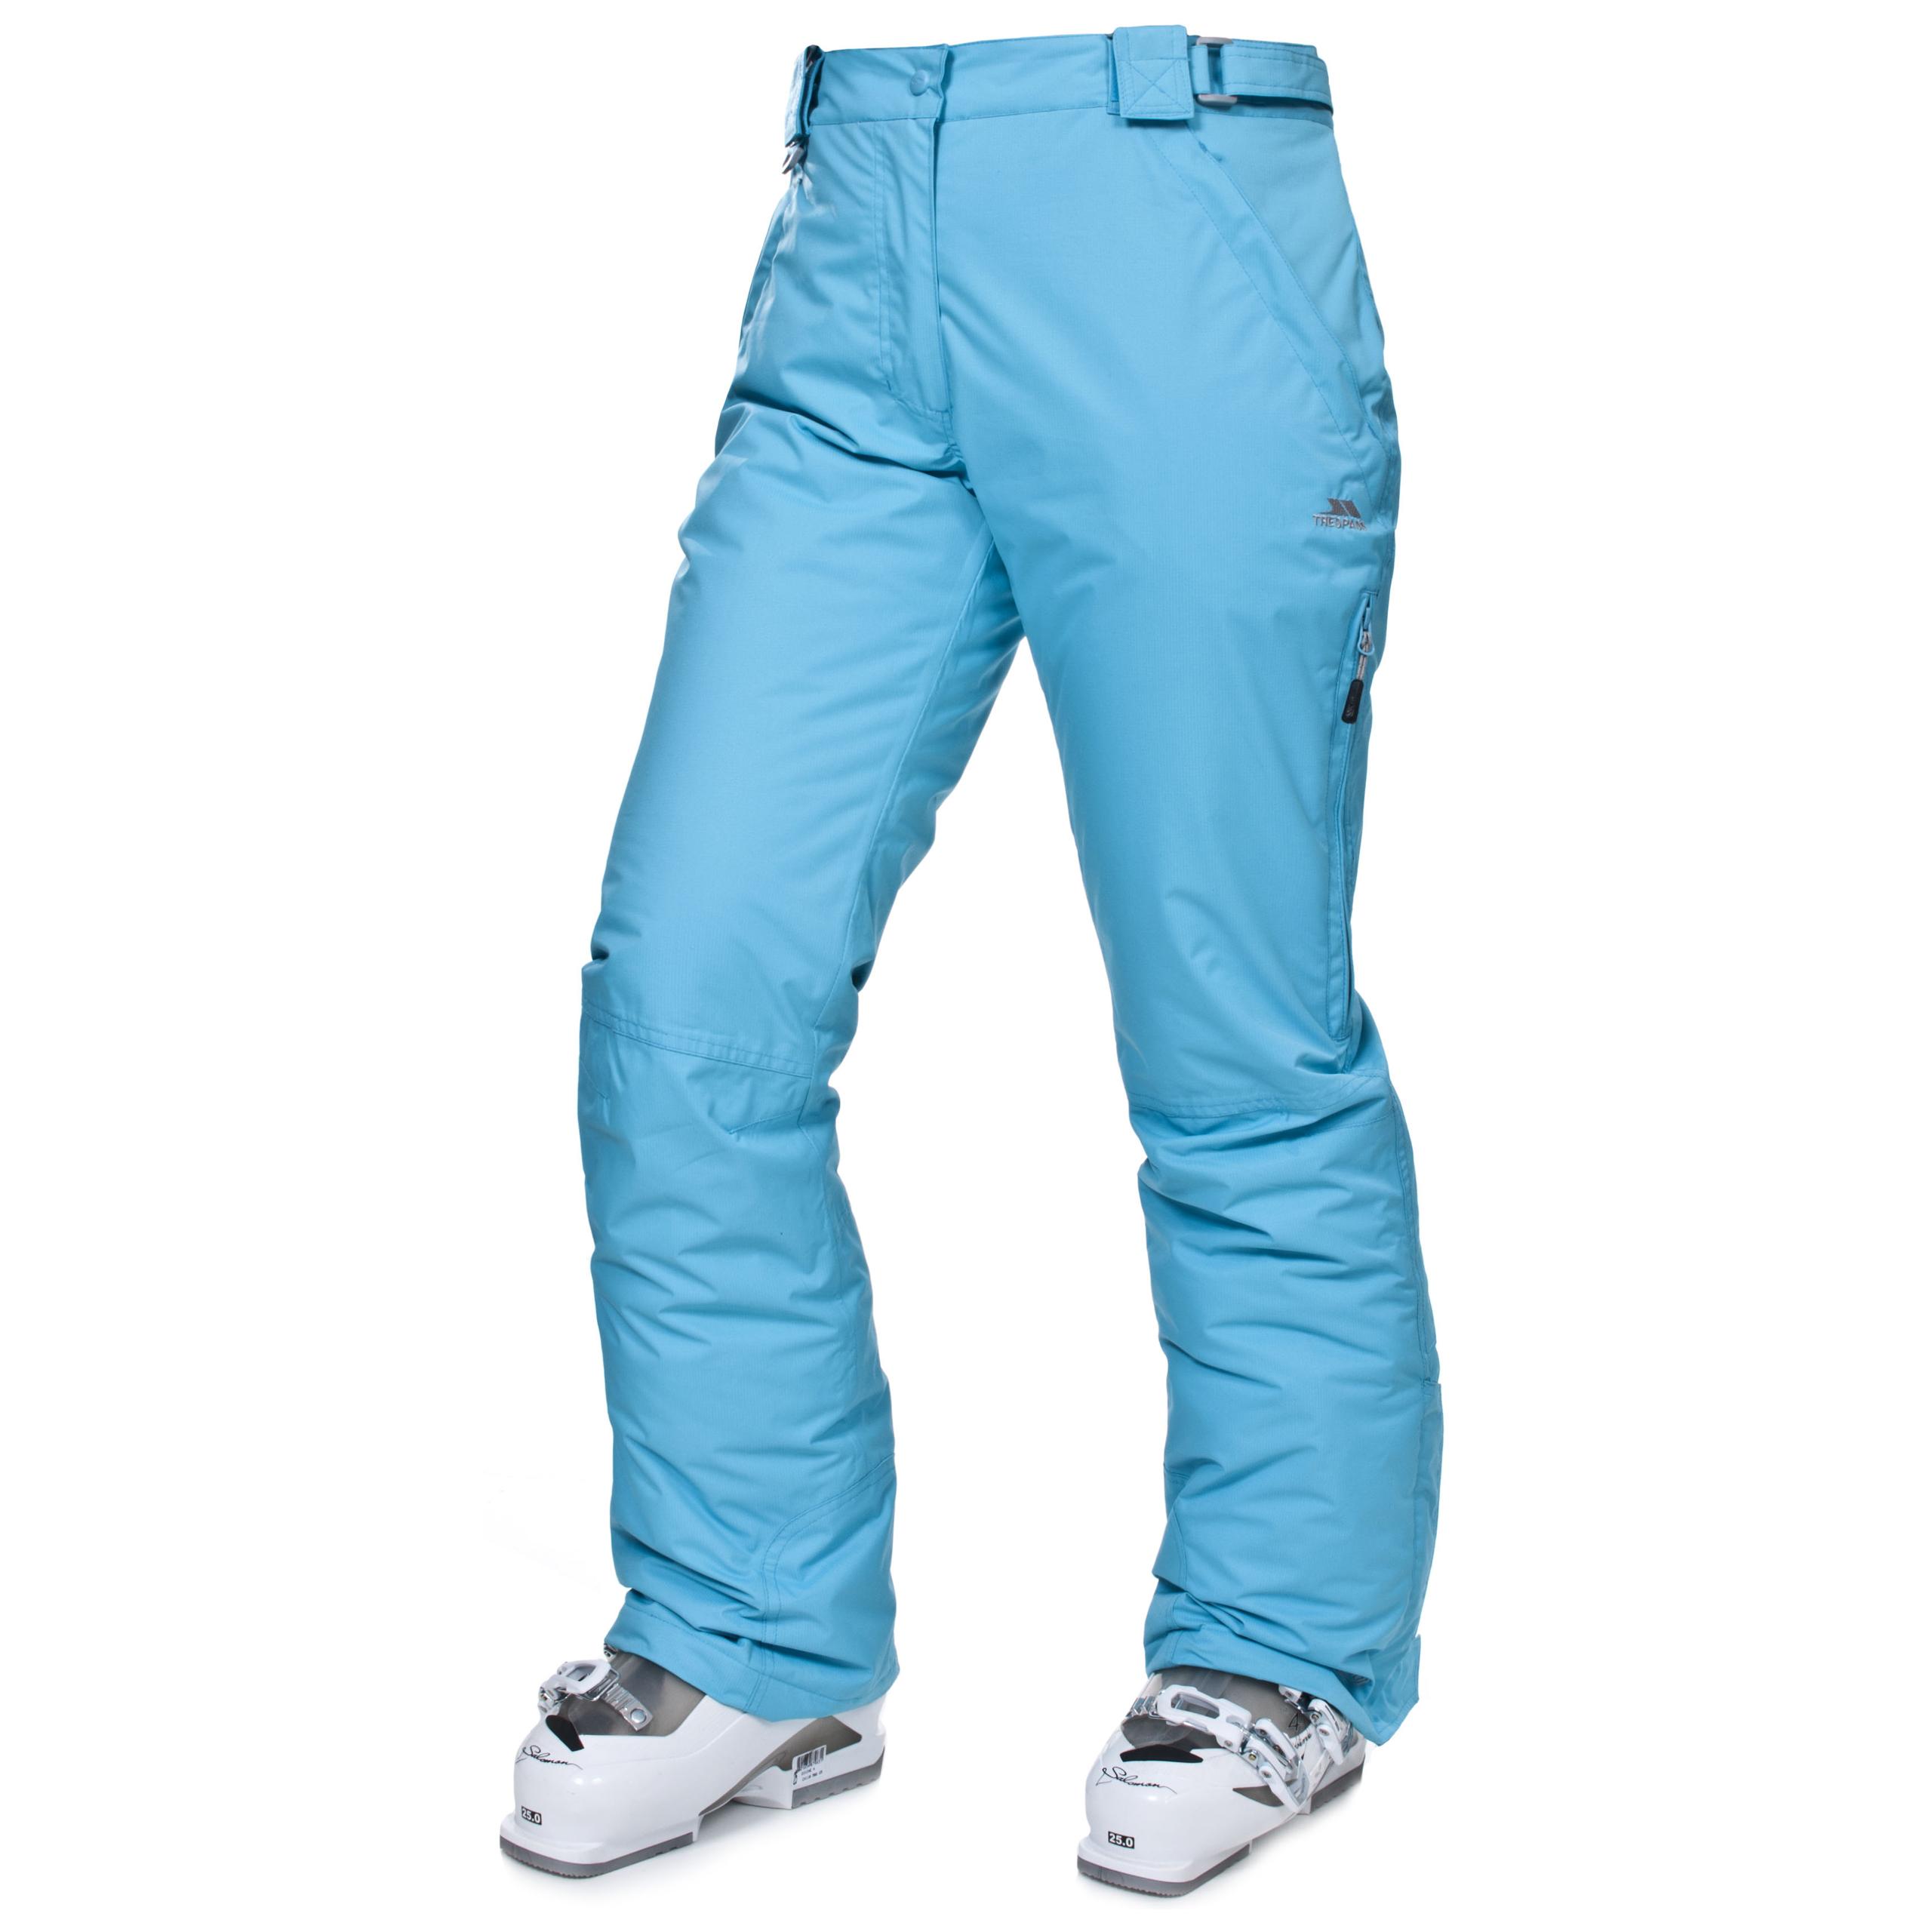 Lohan women s ski pants  1181ac13f